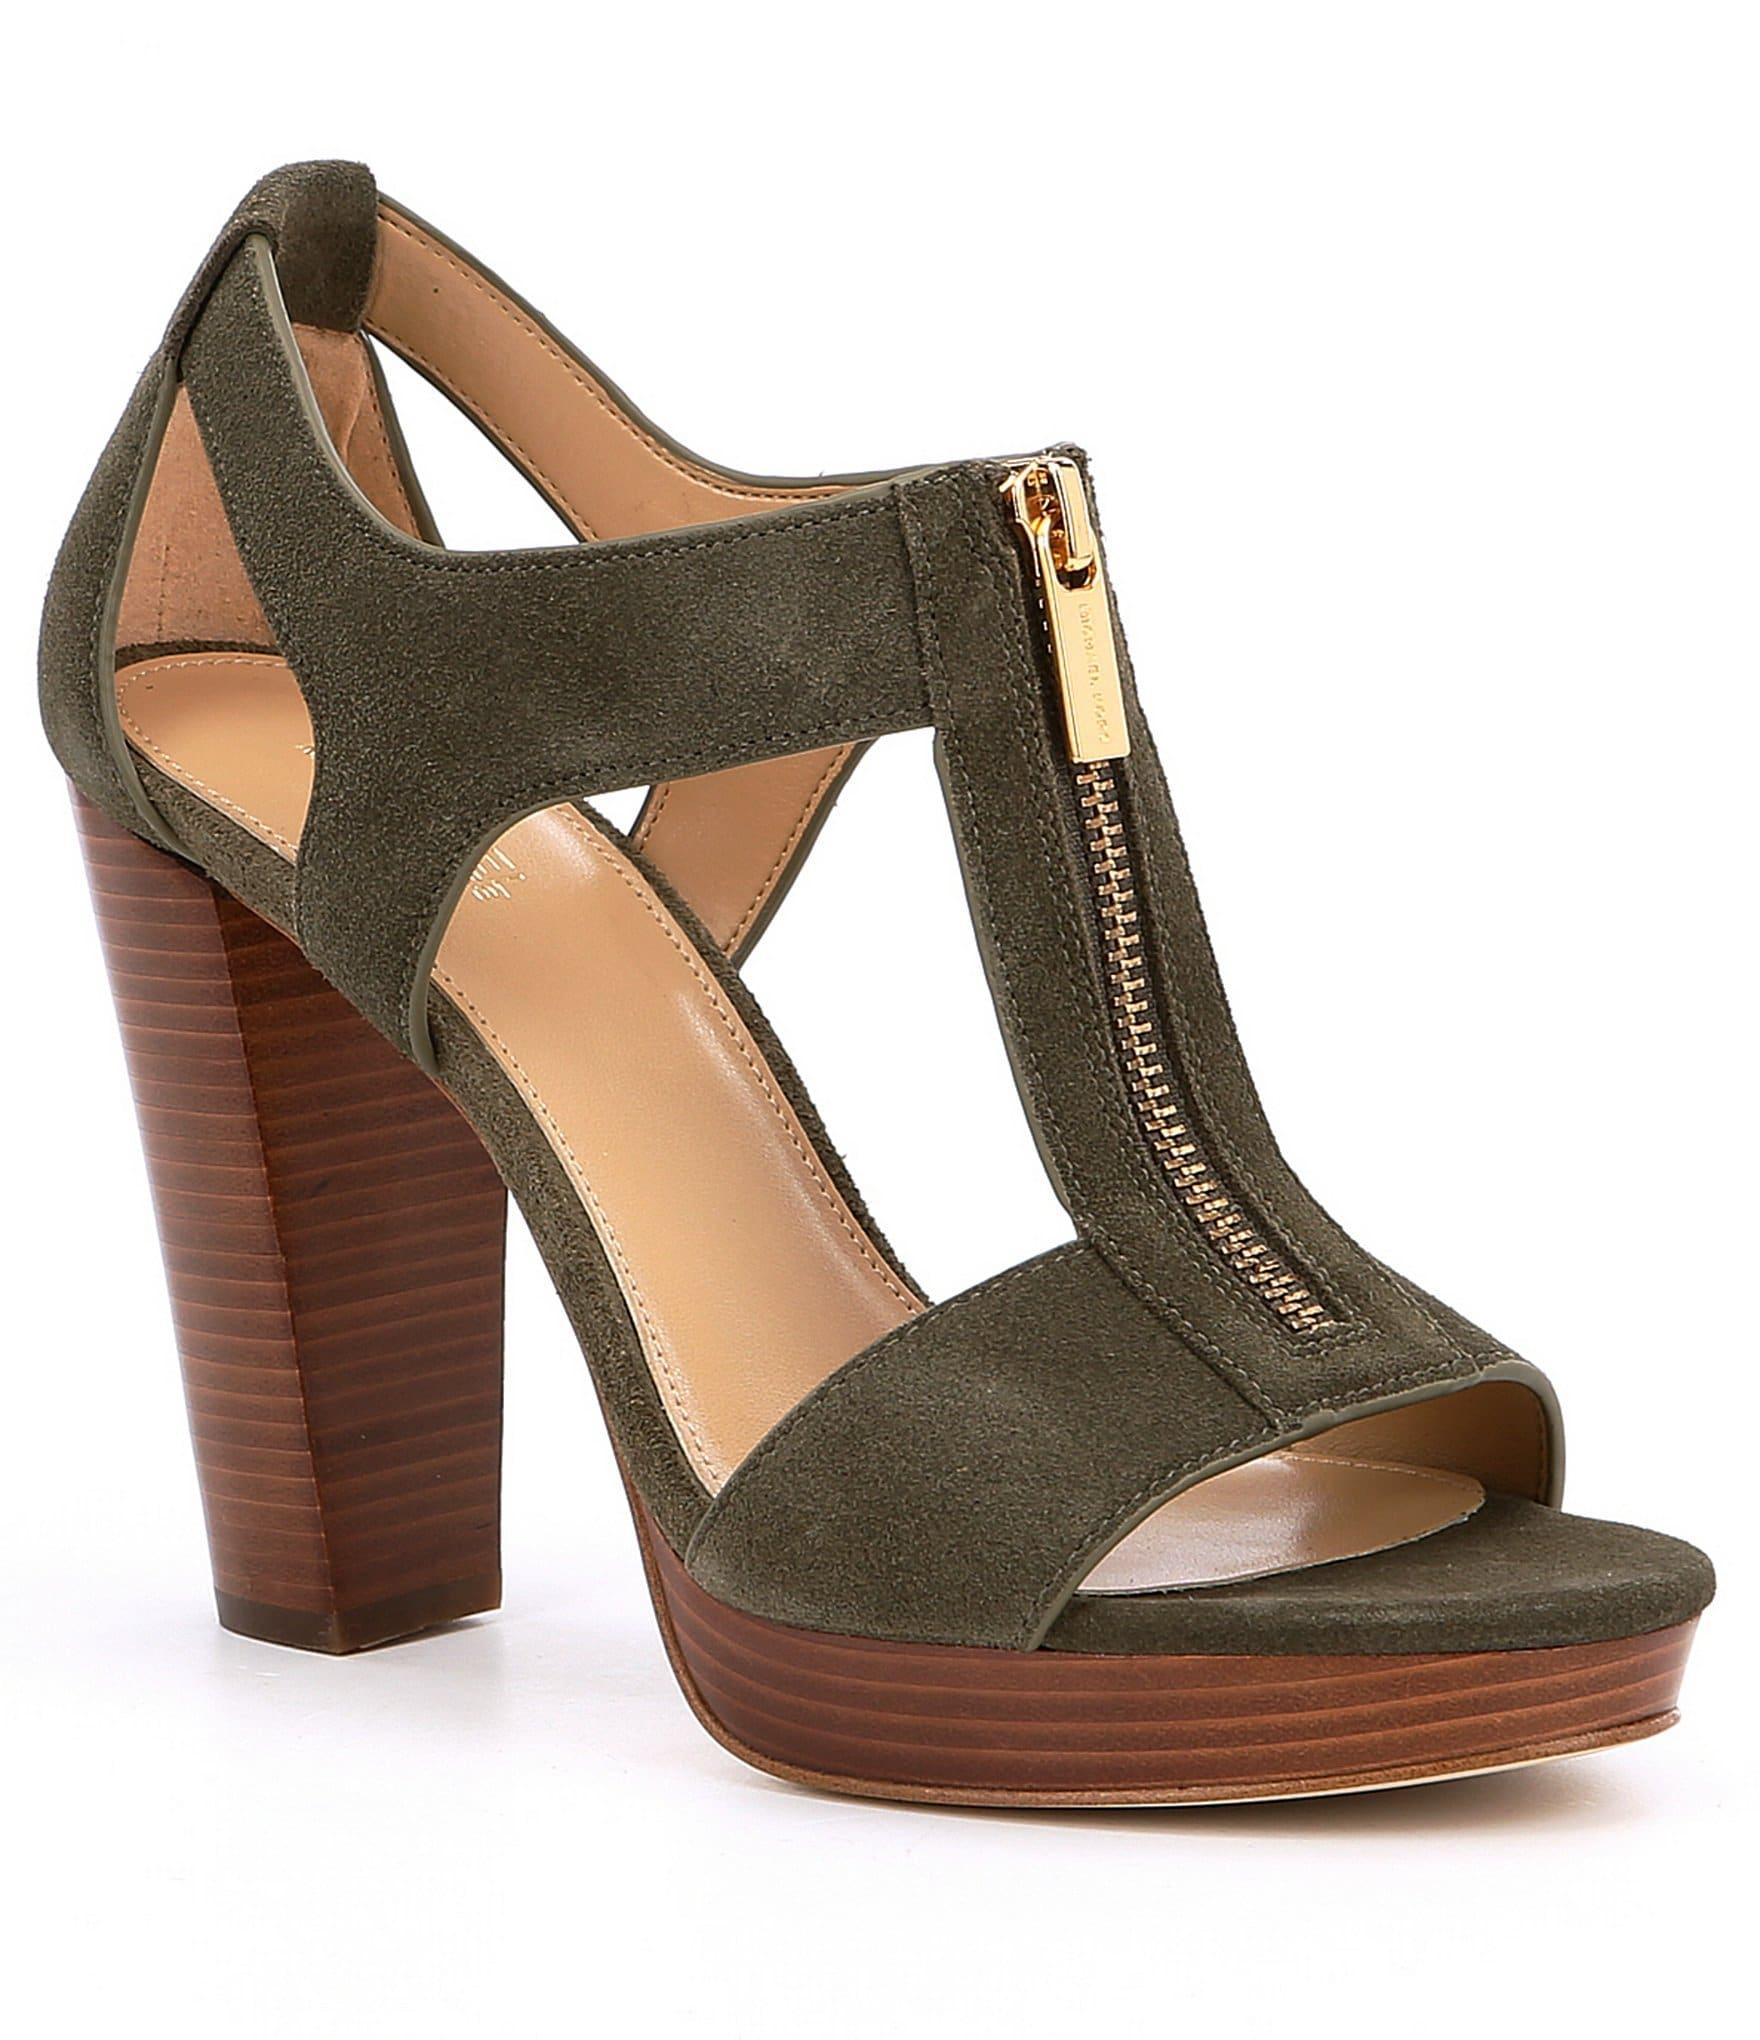 Dillards Michael Kors Shoes Sale